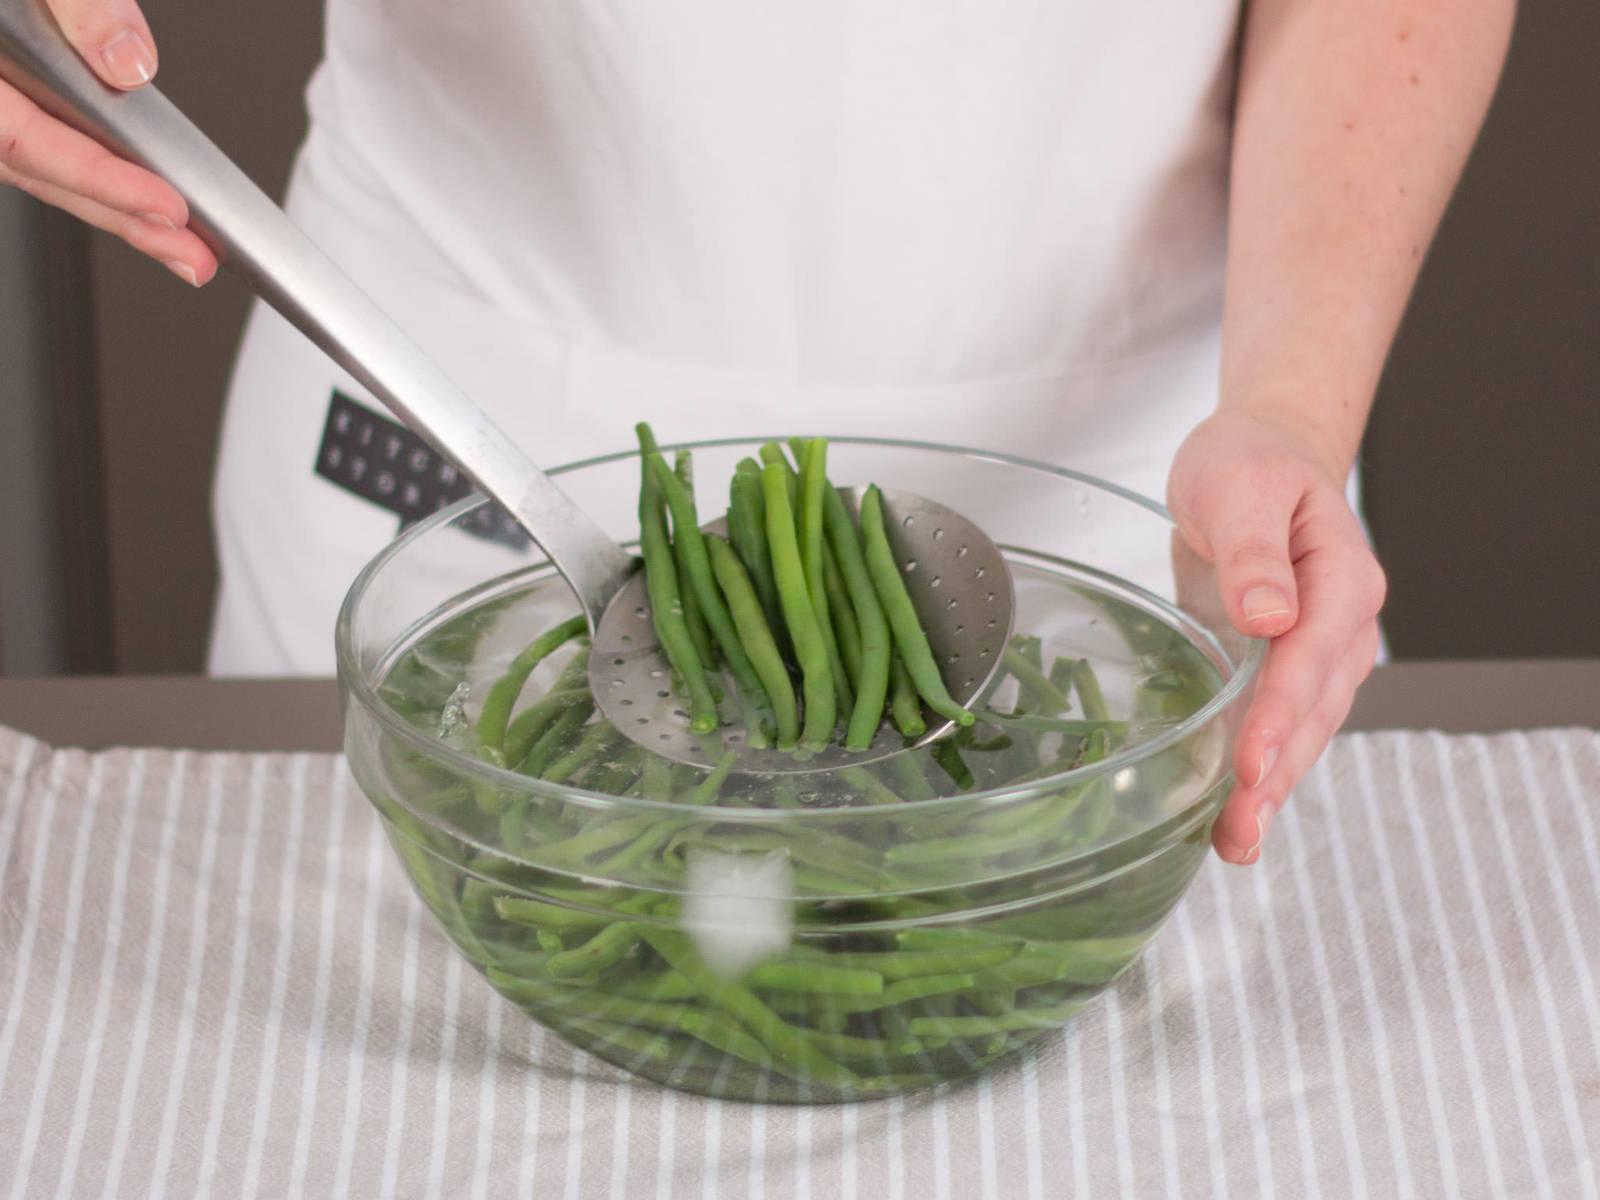 切好四季豆。可根据个人口味,将一半的夏香薄荷加入装有盐水的大锅中煮沸。将四季豆汆烫 2 分钟。然后放入加入水和冰块的大碗中。约 1 分钟后从冰水中取出四季豆,静置备用。